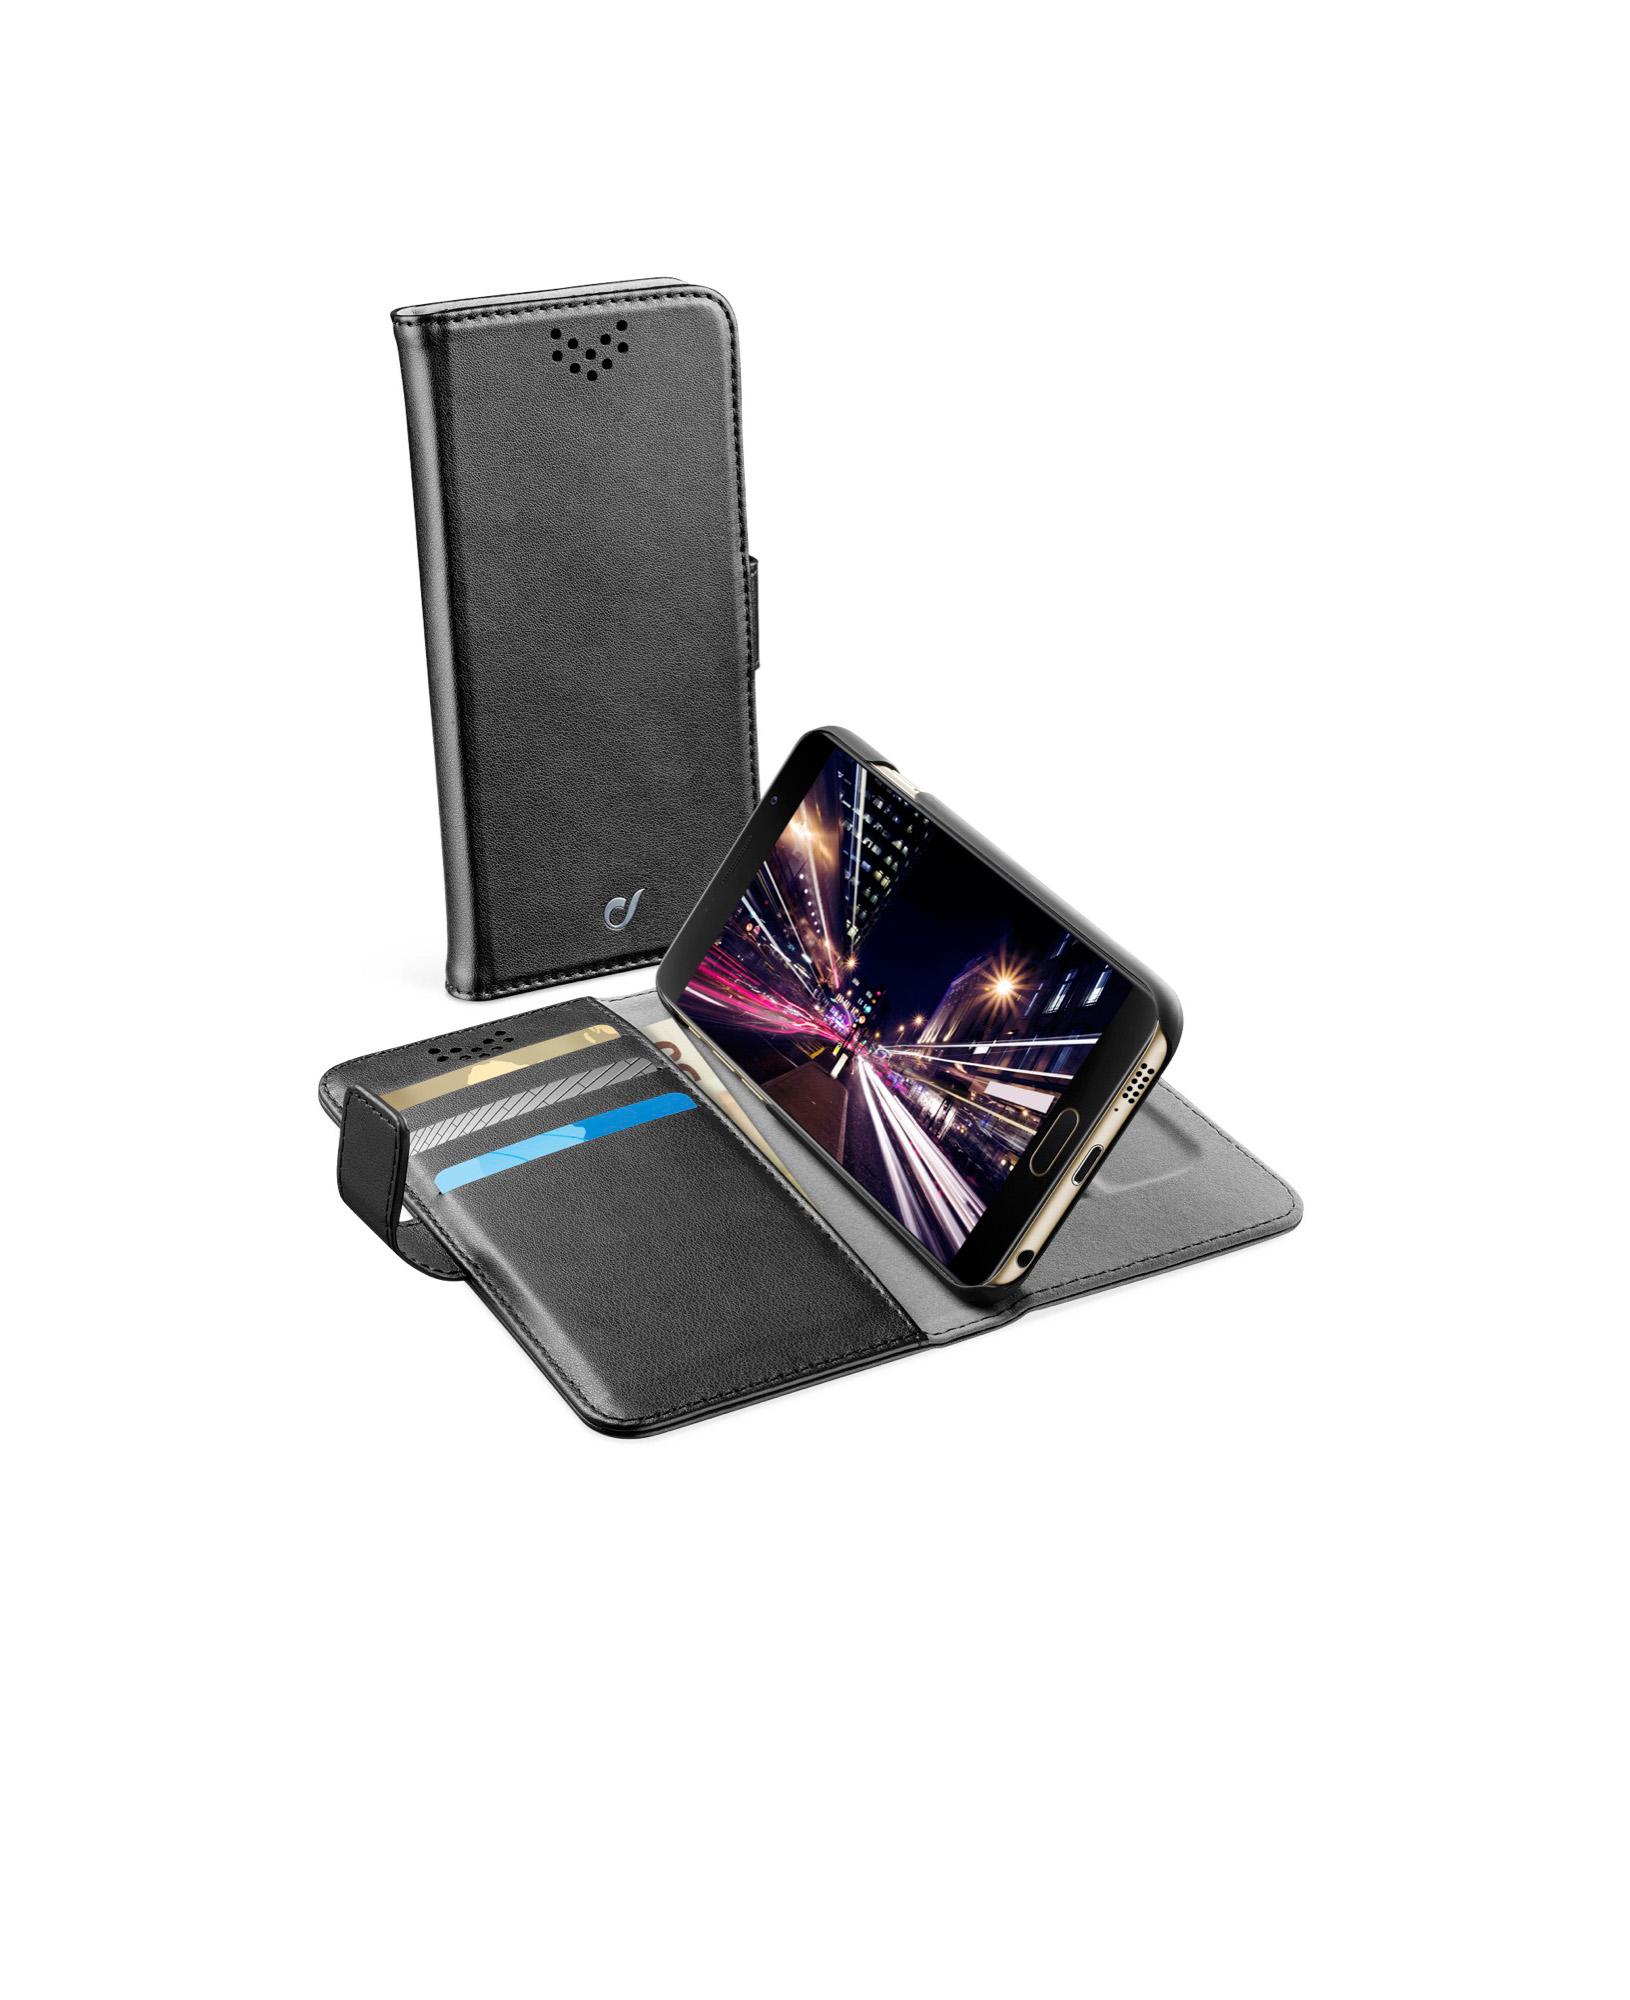 Cellularline Book Agenda - Galaxy A7 2016 Custodia a libro pratica e funzionale Nero